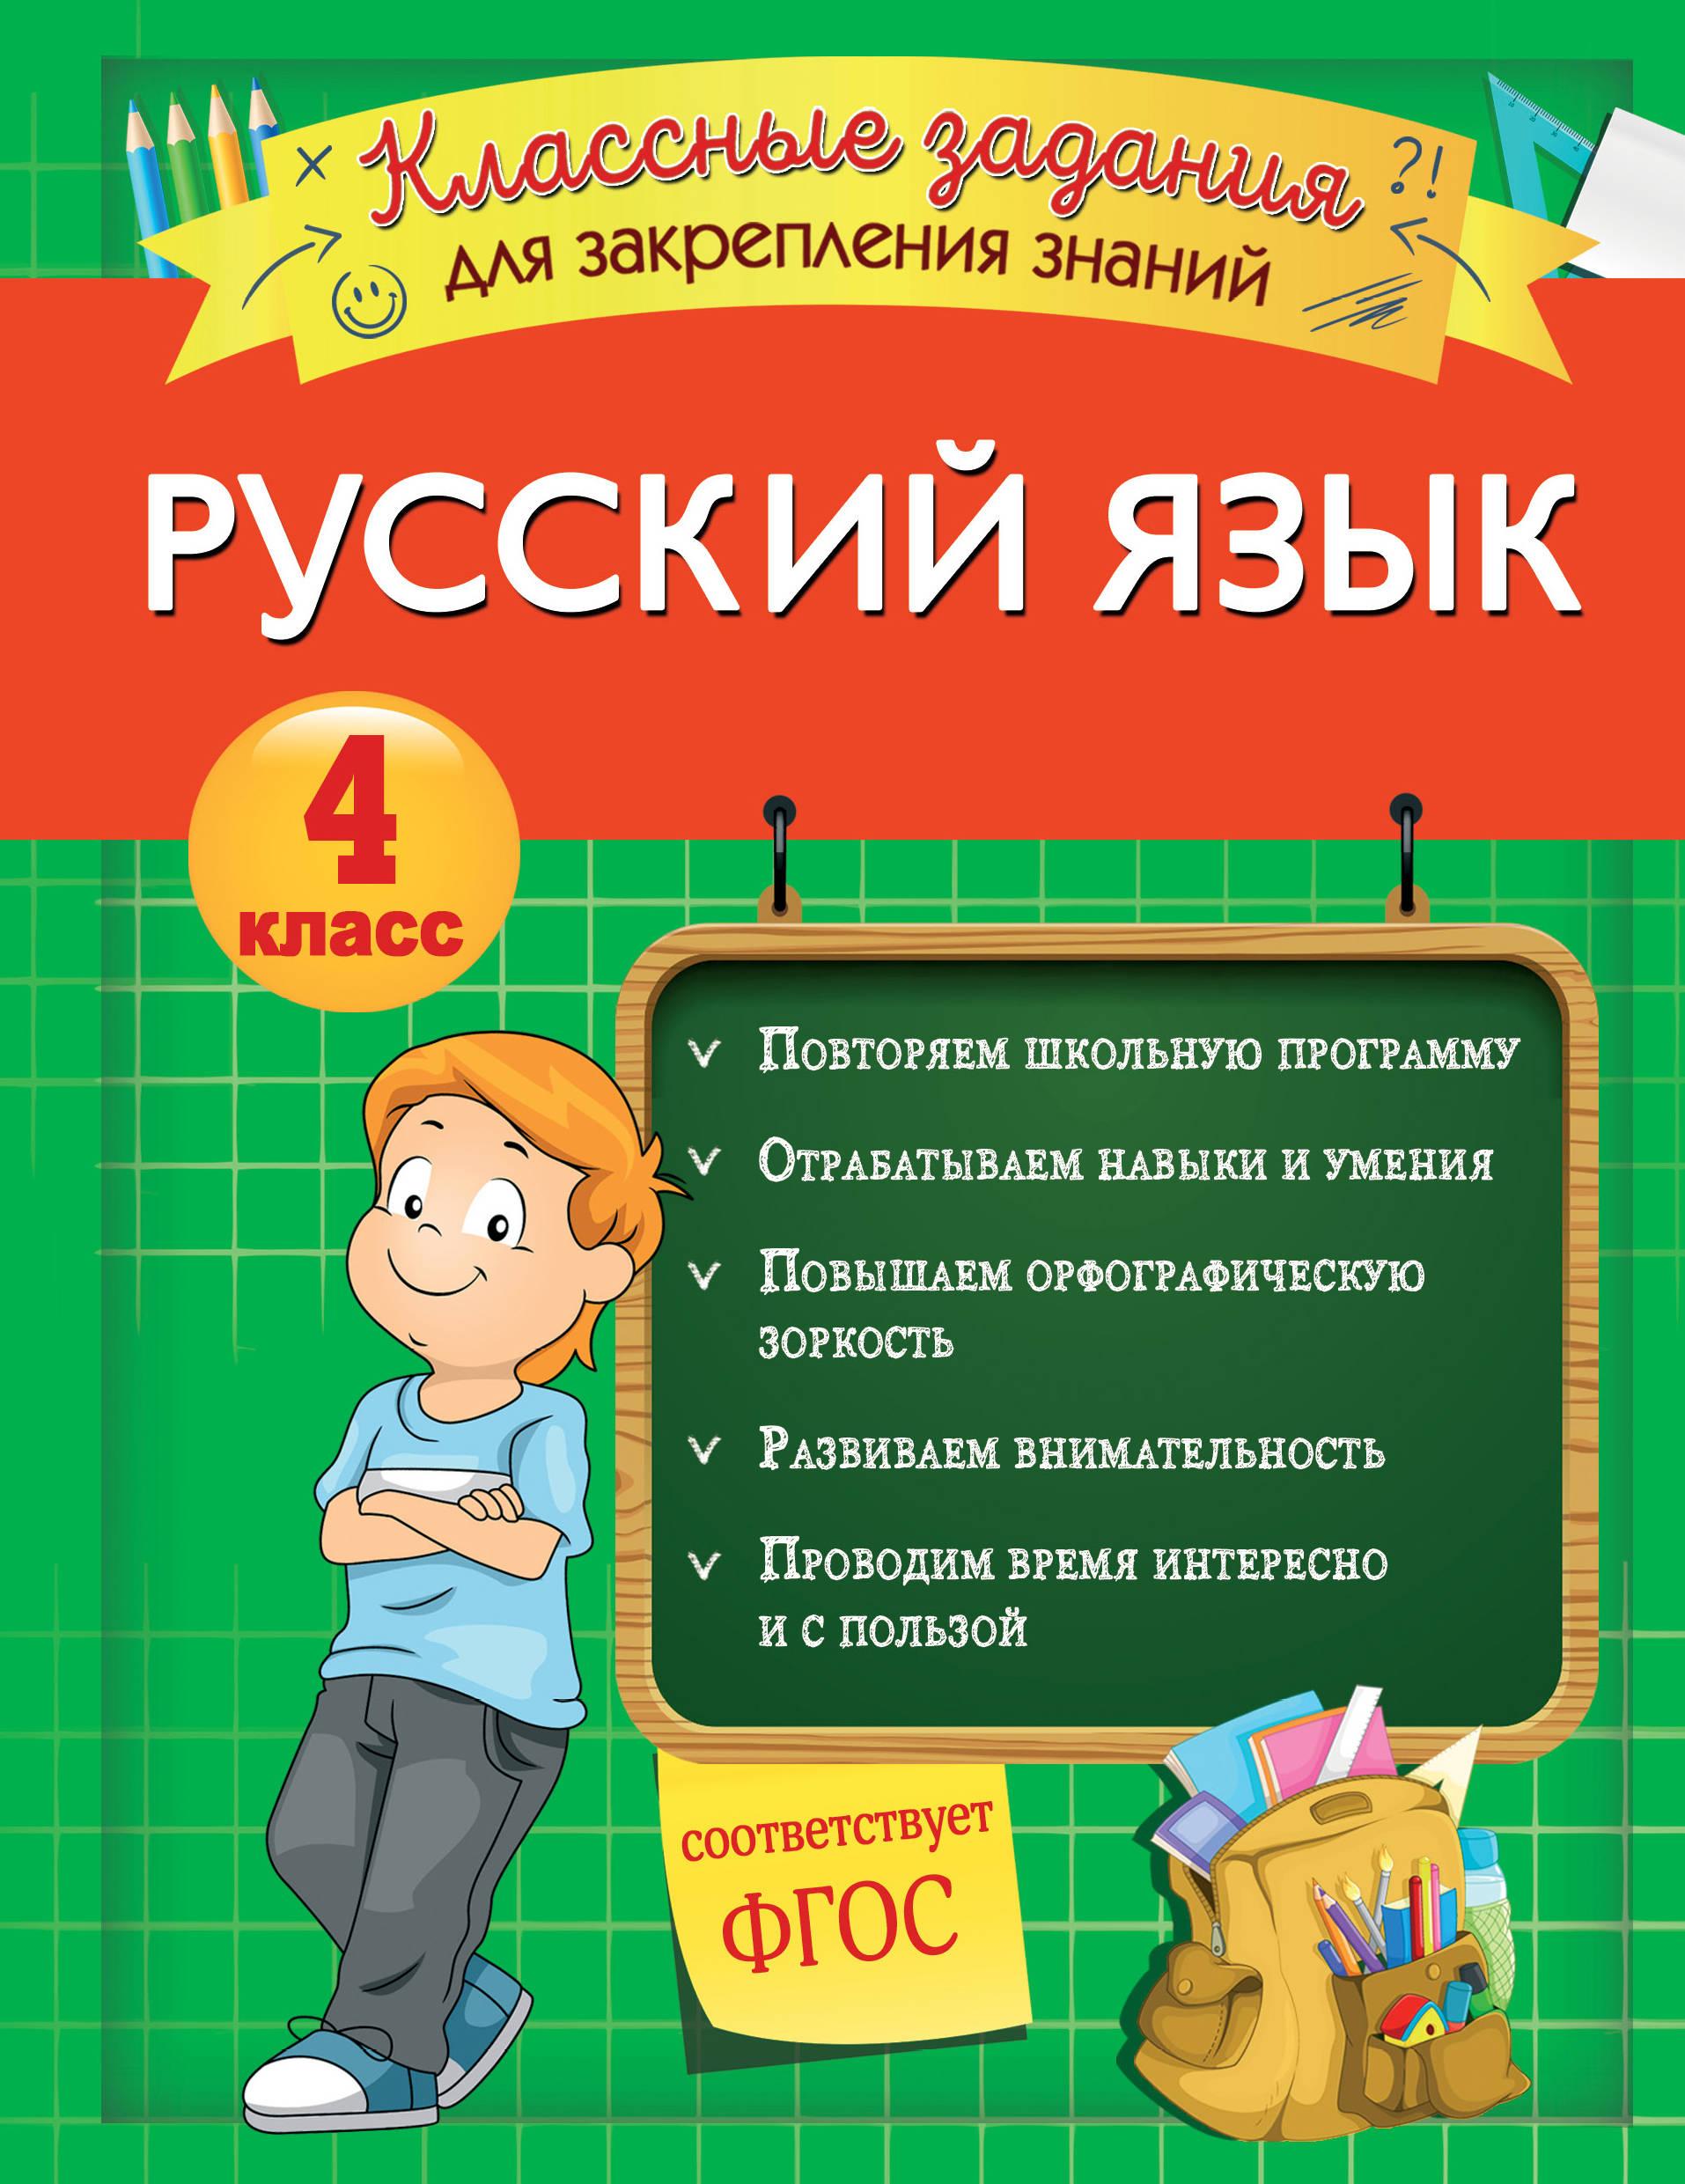 Russkij jazyk. Klassnye zadanija dlja zakreplenija znanij. 4 klass